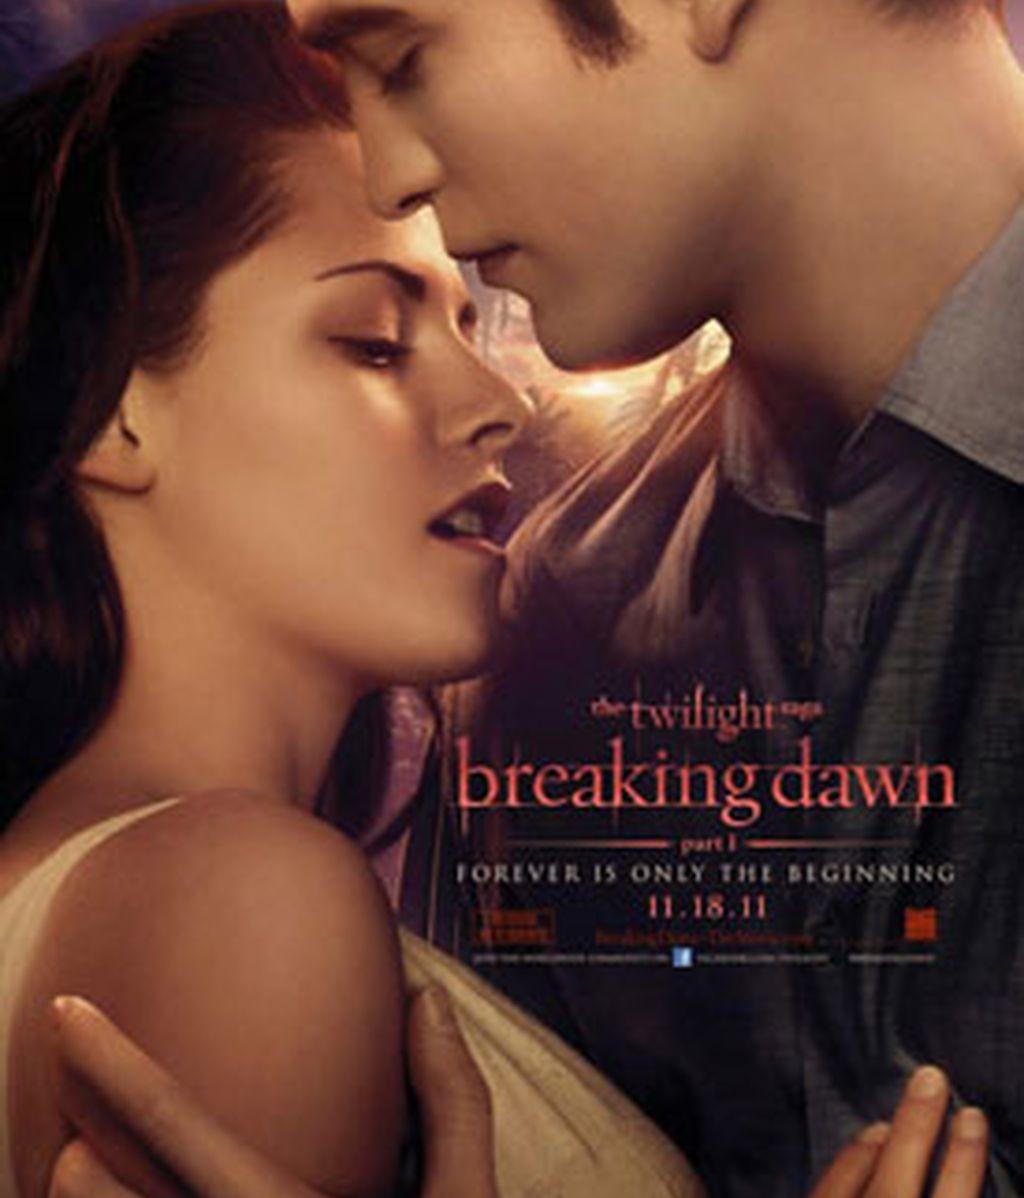 Los actores Kristen Stewart y Robert Pattinson en el cartel de la película amanecer. Foto: Gtres